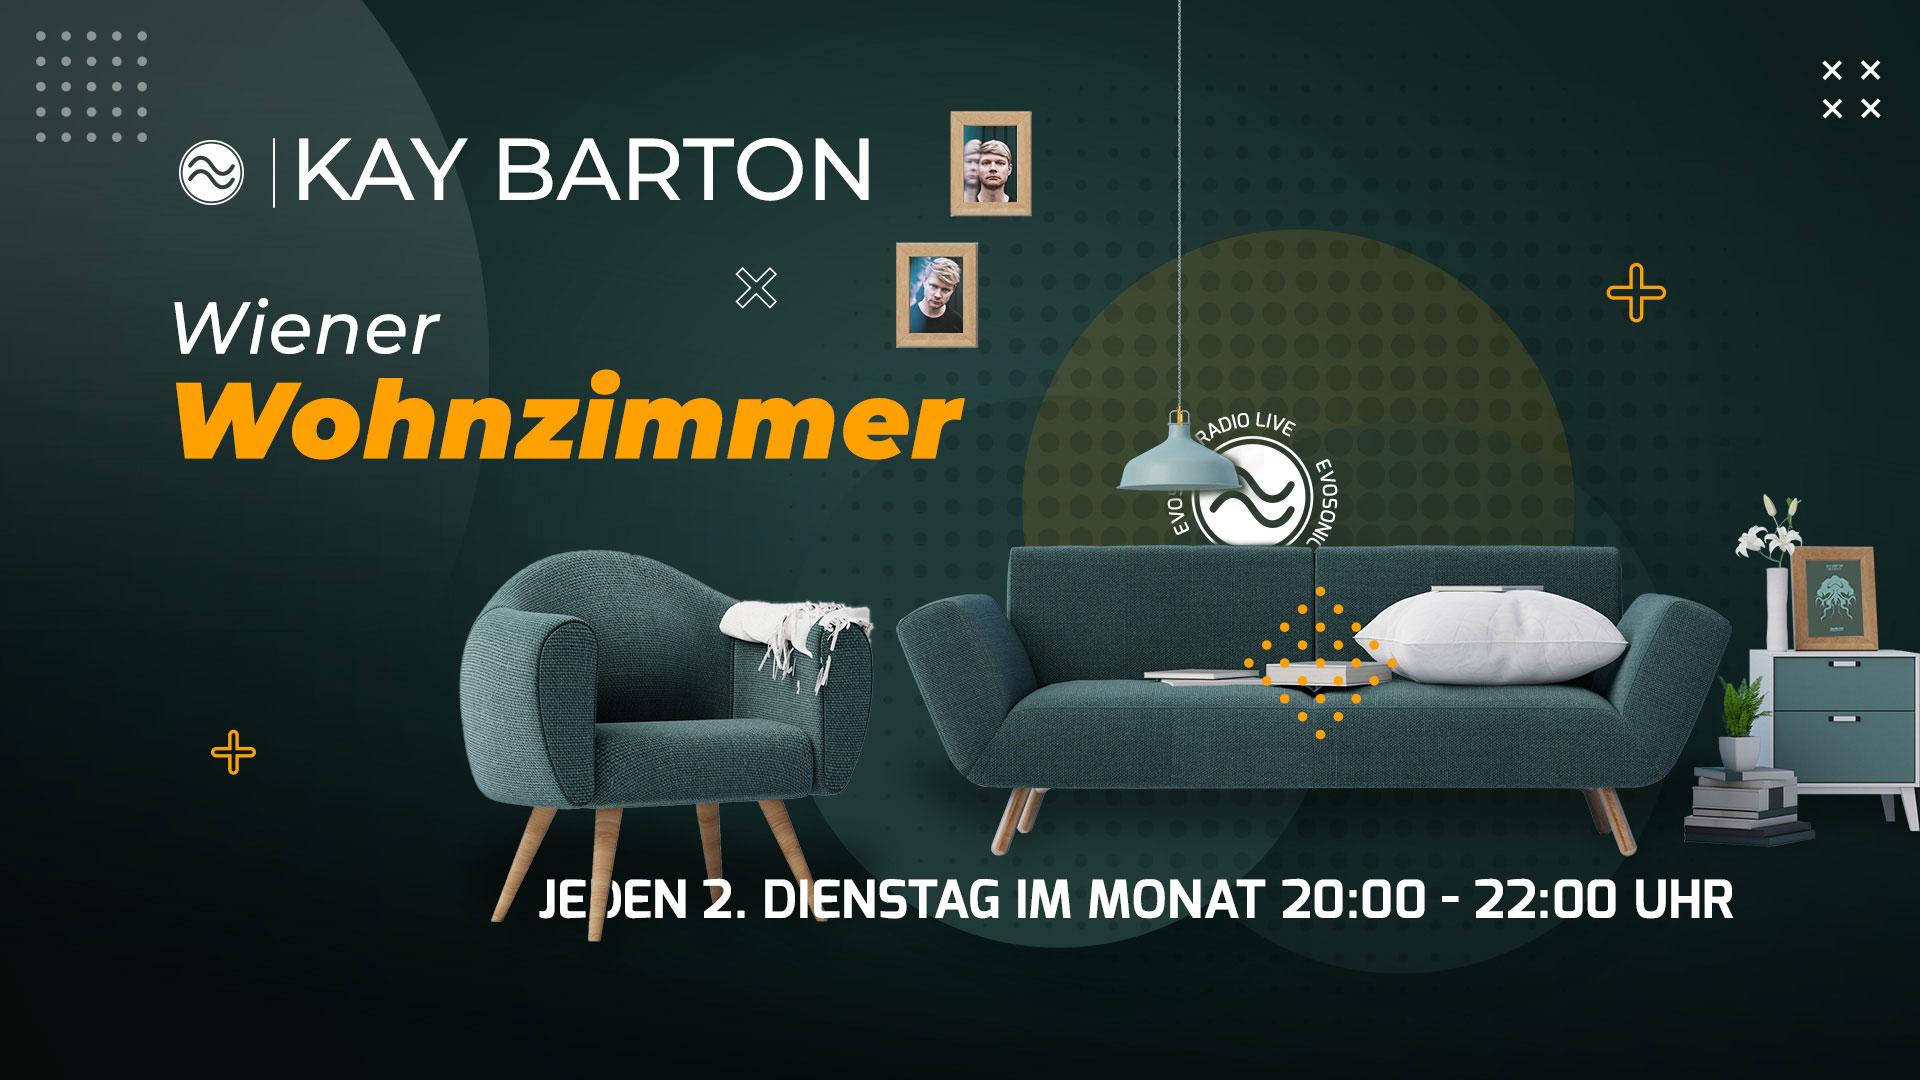 WIENER WOHNZIMMER mit KAY BARTON